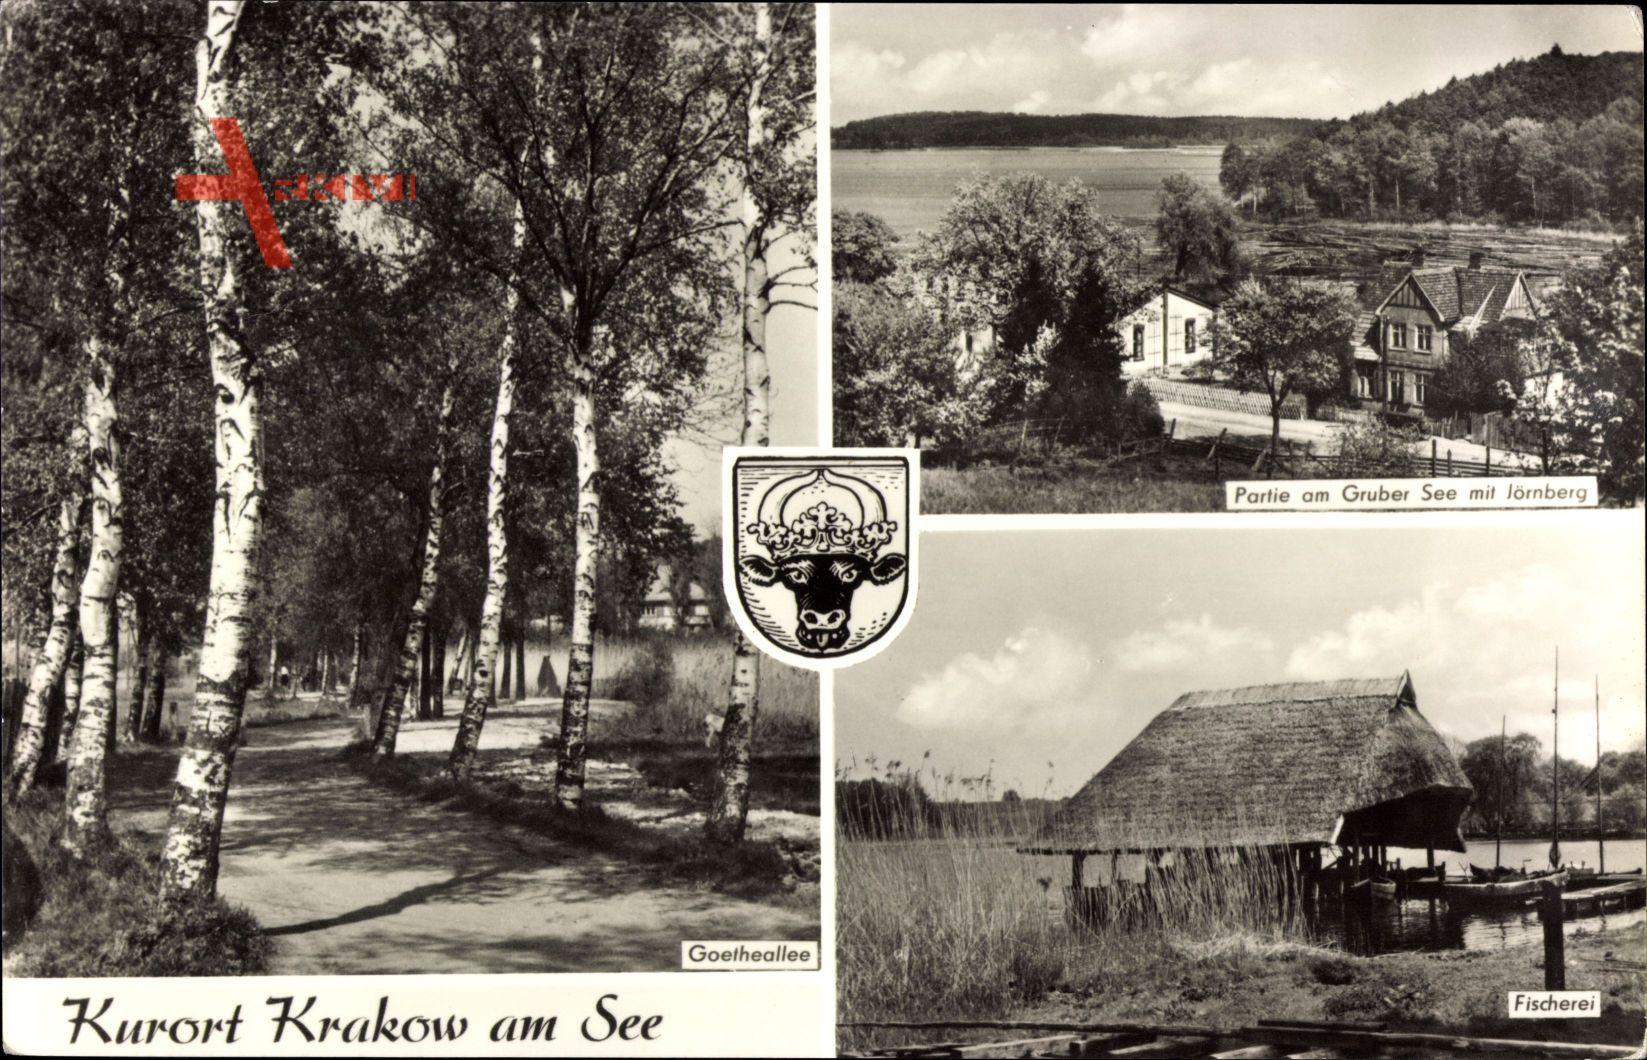 Wappen Krakow am See, Partie am Gruber See mit Jörnberg, Fischerei regional